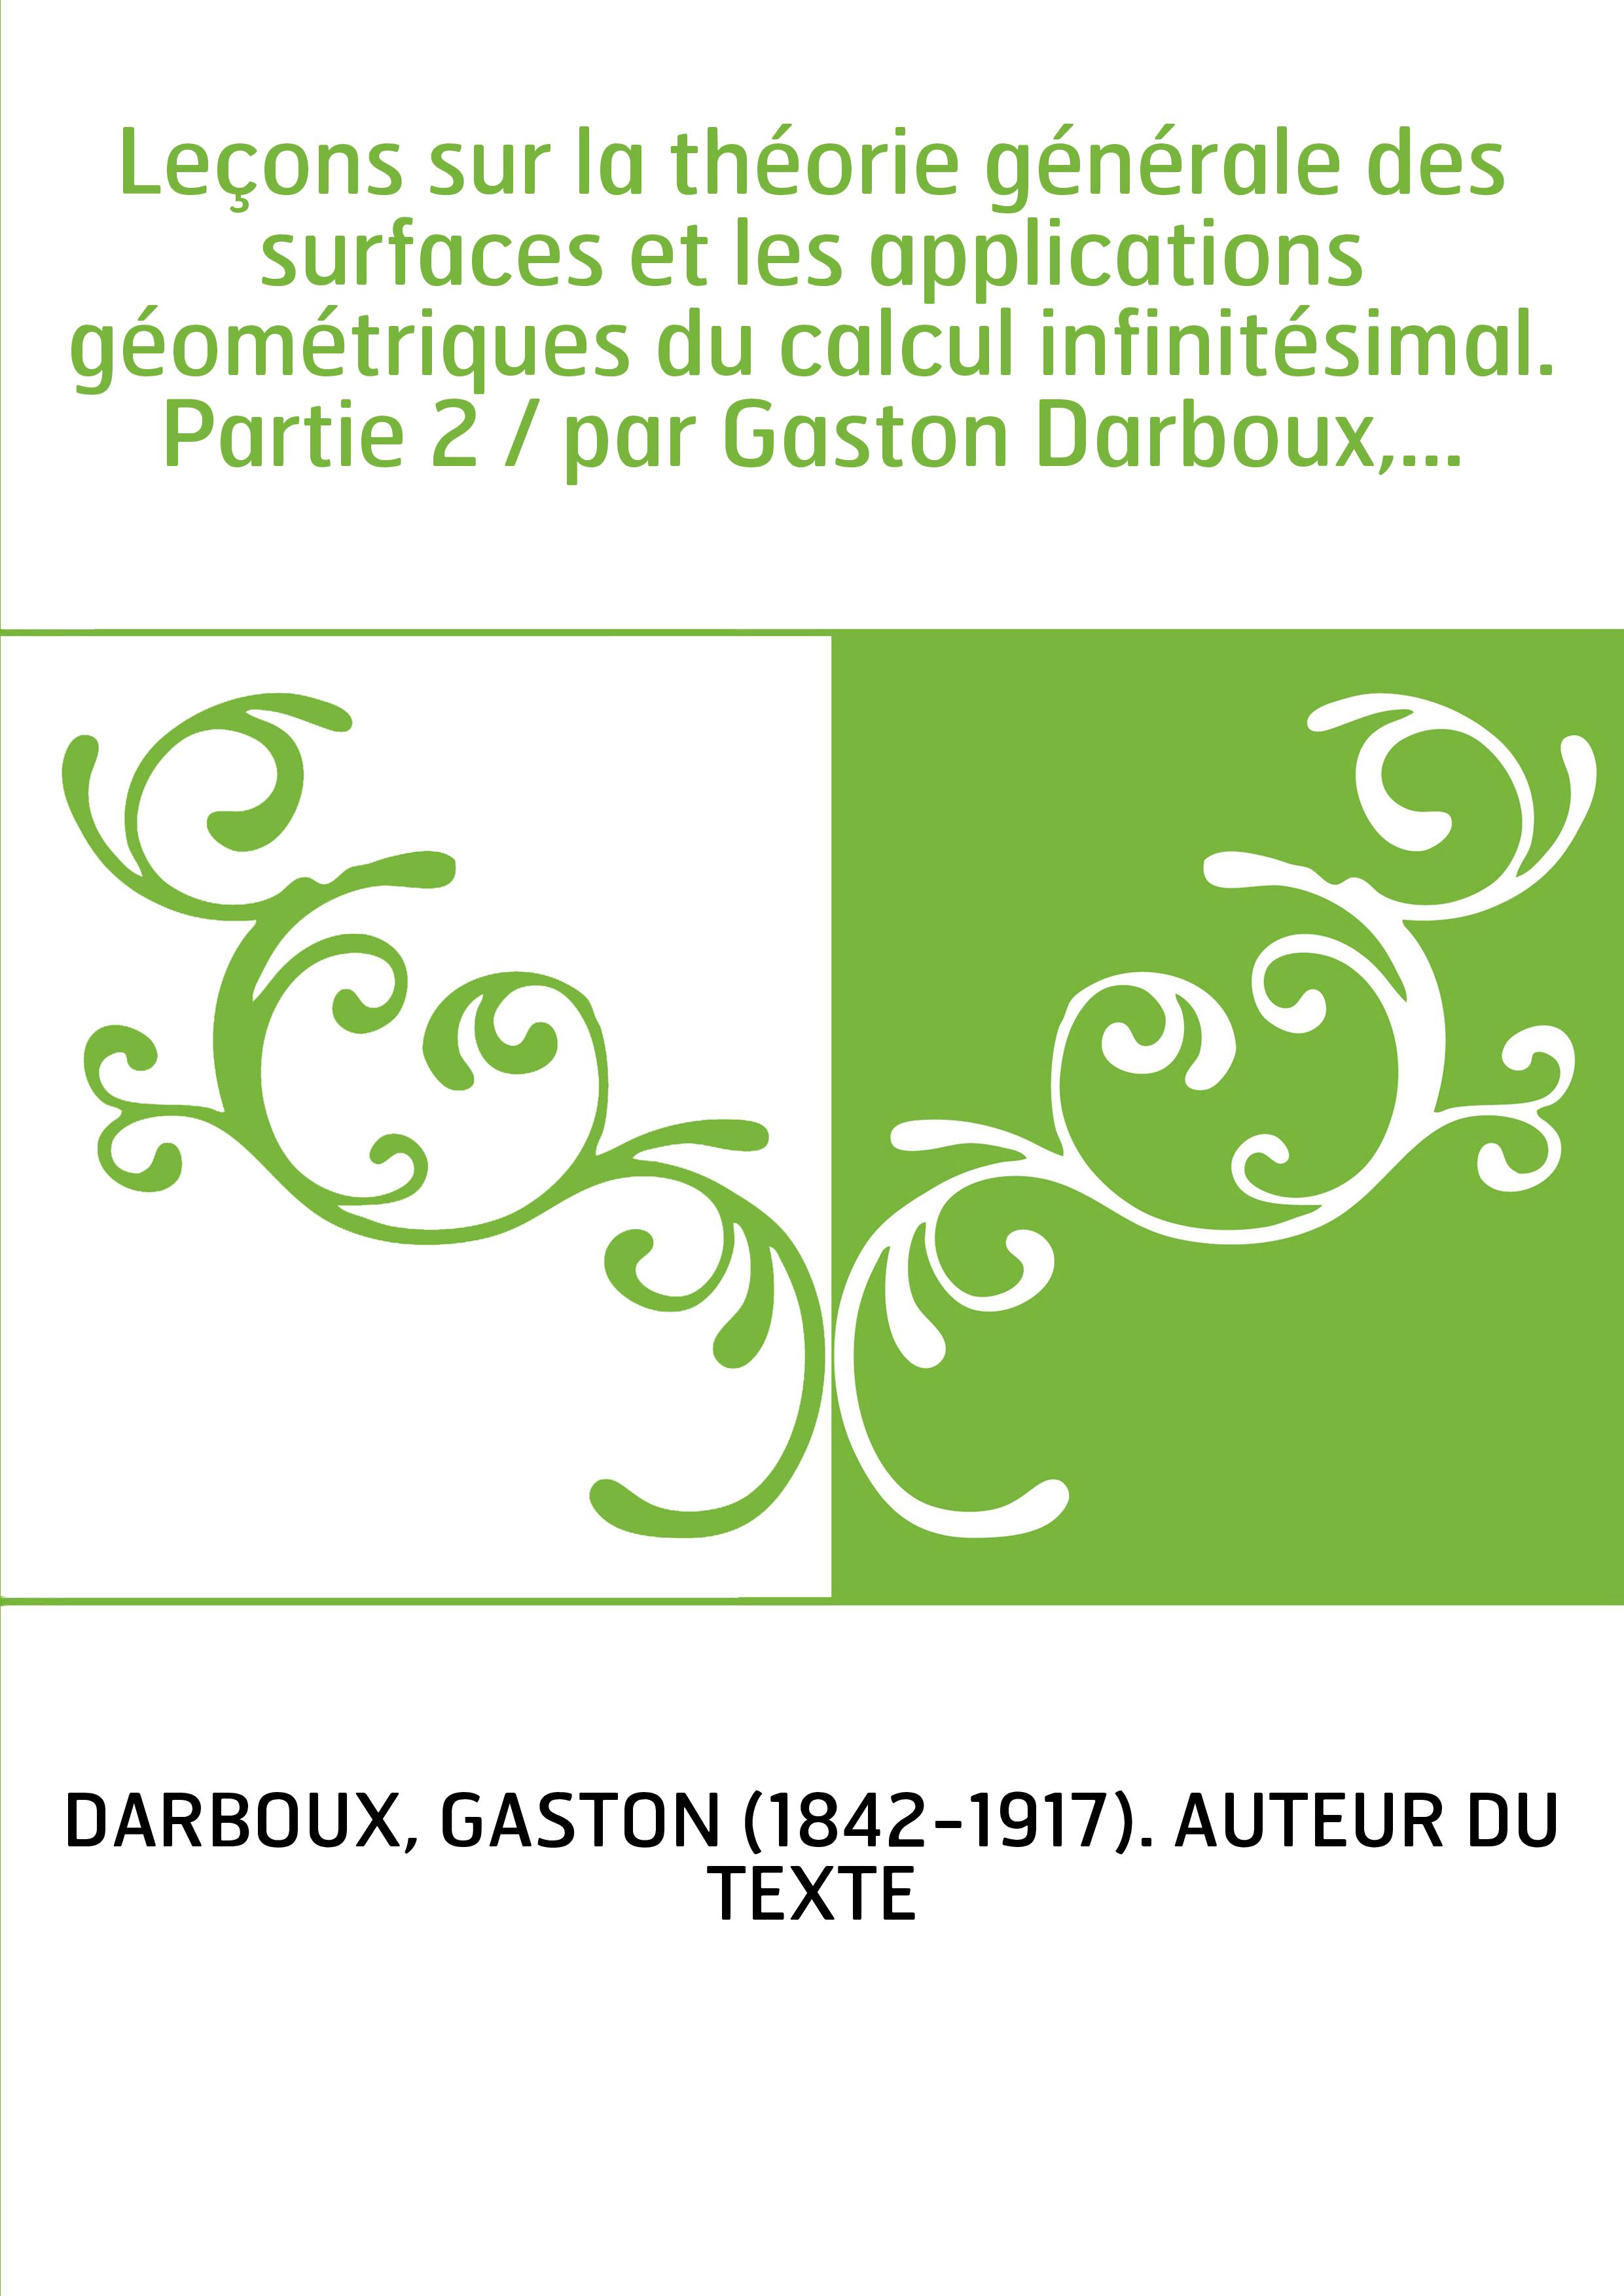 Leçons sur la théorie générale des surfaces et les applications géométriques du calcul infinitésimal. Partie 2 / par Gaston Darb